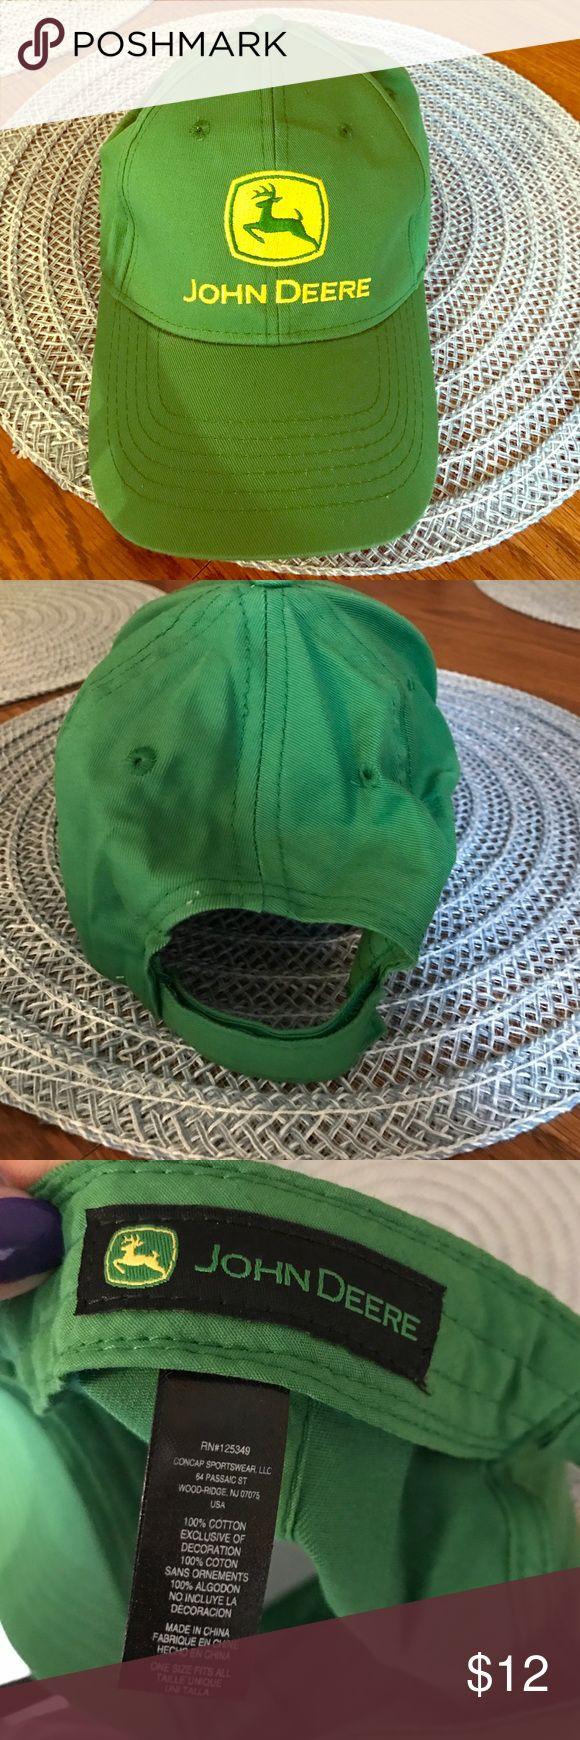 John Deere Adjustable Hat Green John Deere Adjustable Hat with Yellow Emblem. 100% Cotton. Never Been Worn. John Deere Accessories Hats